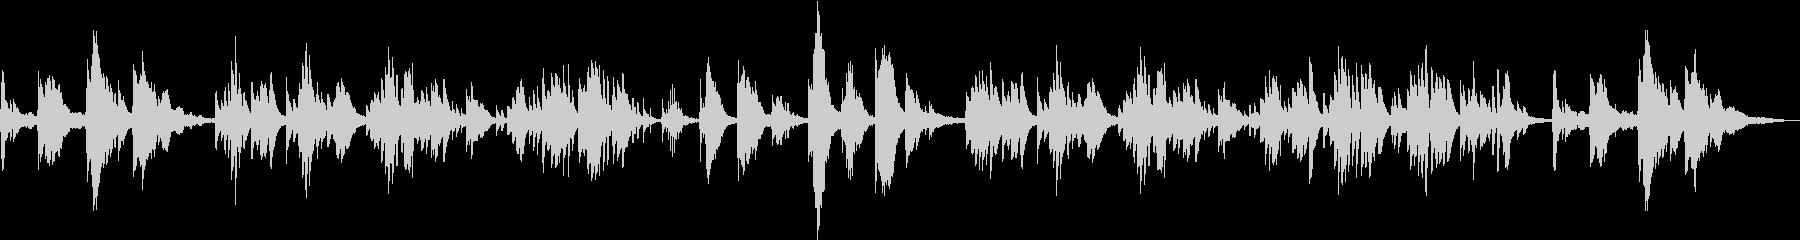 叙情的で切ない透明なピアノアンビエントの未再生の波形